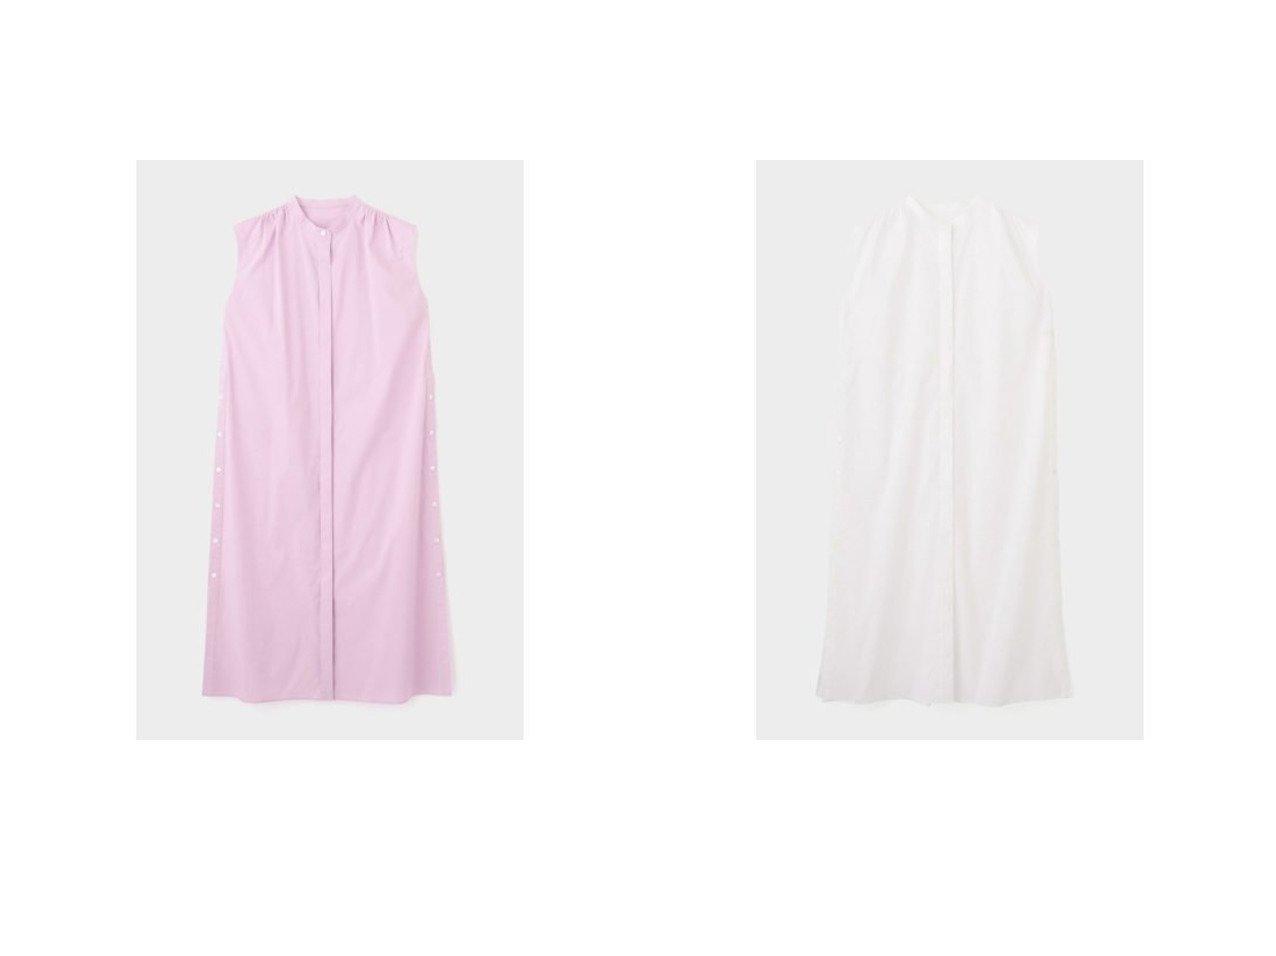 【LE PHIL/ル フィル】のストレッチブロードワンピース 【ワンピース・ドレス】おすすめ!人気、トレンド・レディースファッションの通販 おすすめで人気の流行・トレンド、ファッションの通販商品 インテリア・家具・メンズファッション・キッズファッション・レディースファッション・服の通販 founy(ファニー) https://founy.com/ ファッション Fashion レディースファッション WOMEN ワンピース Dress シャツワンピース Shirt Dresses 2021年 2021 2021春夏・S/S SS/Spring/Summer/2021 S/S・春夏 SS・Spring/Summer シンプル ストレート スリット ノースリーブ マキシ |ID:crp329100000047631